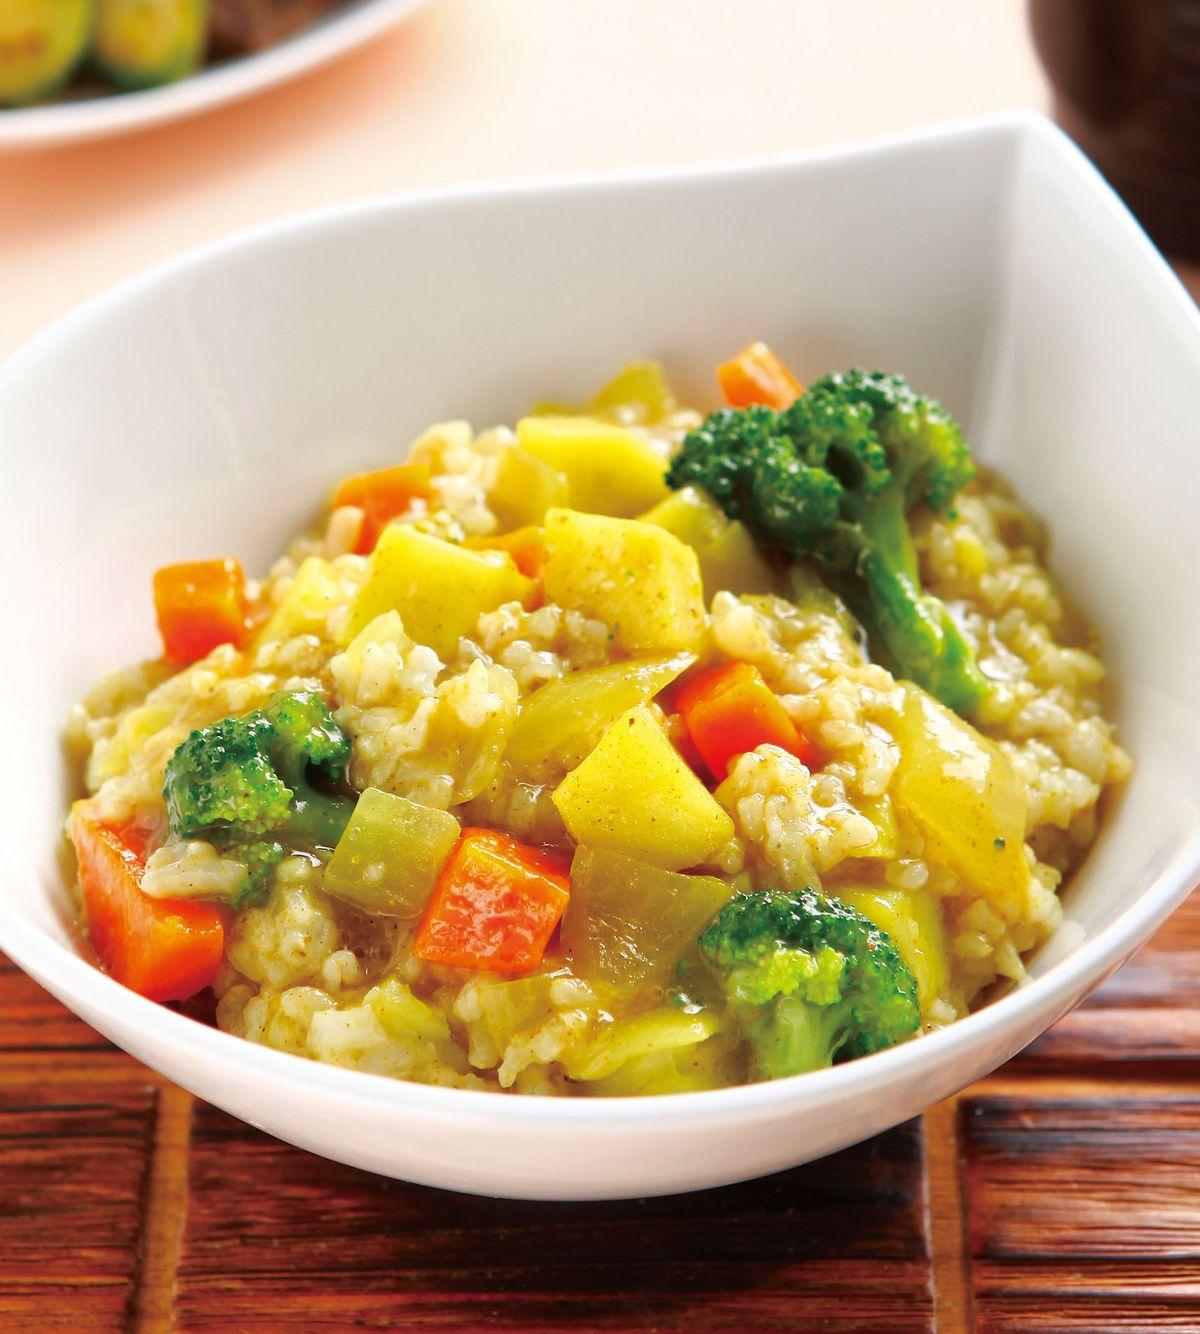 食譜:咖哩蔬菜拌飯